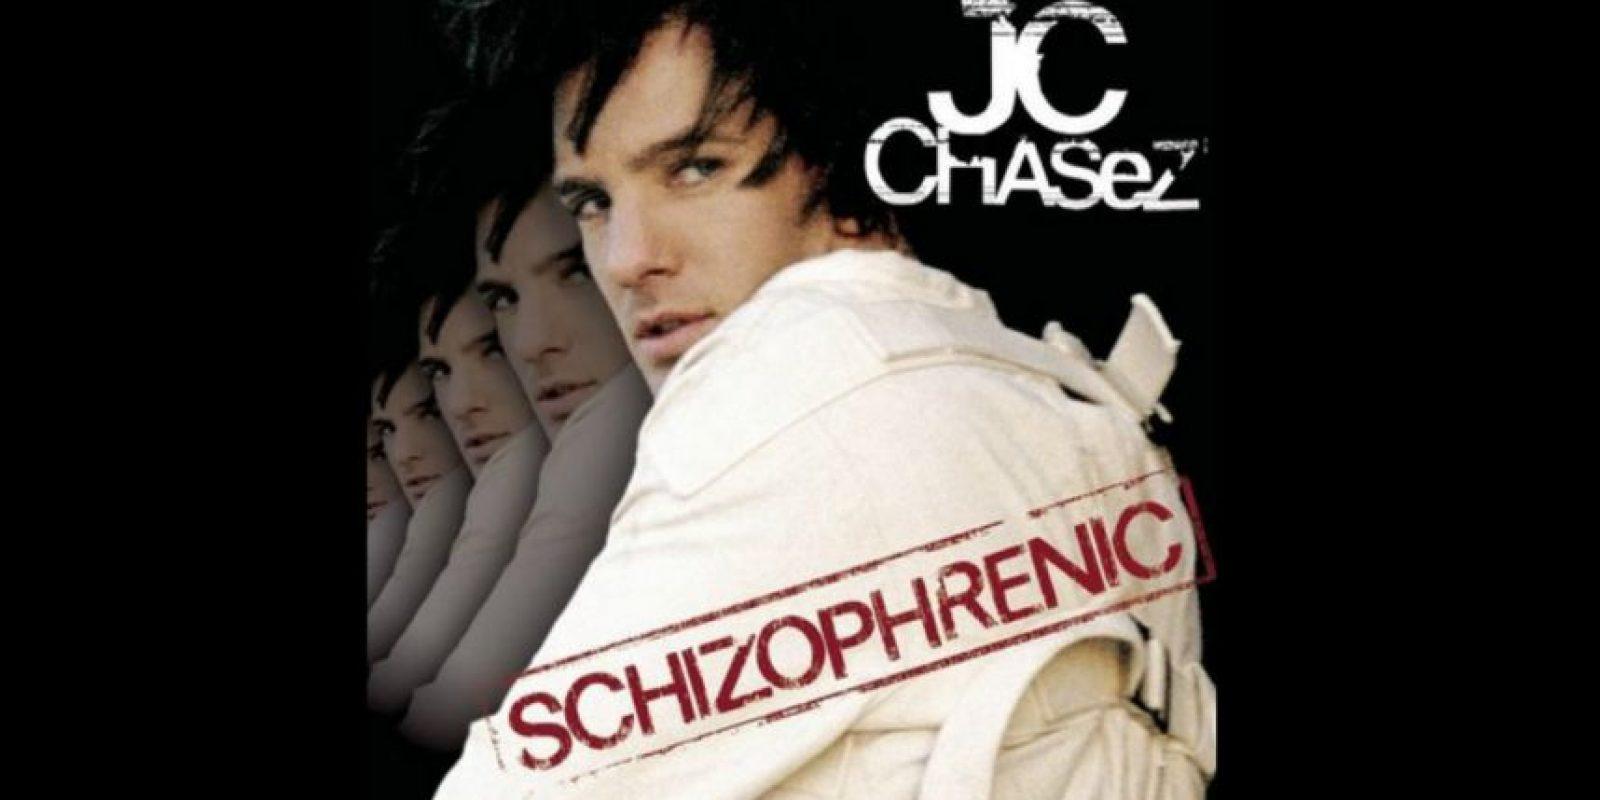 """En el año 2004 salió a la venta su álbum """"Schizophrenic""""."""